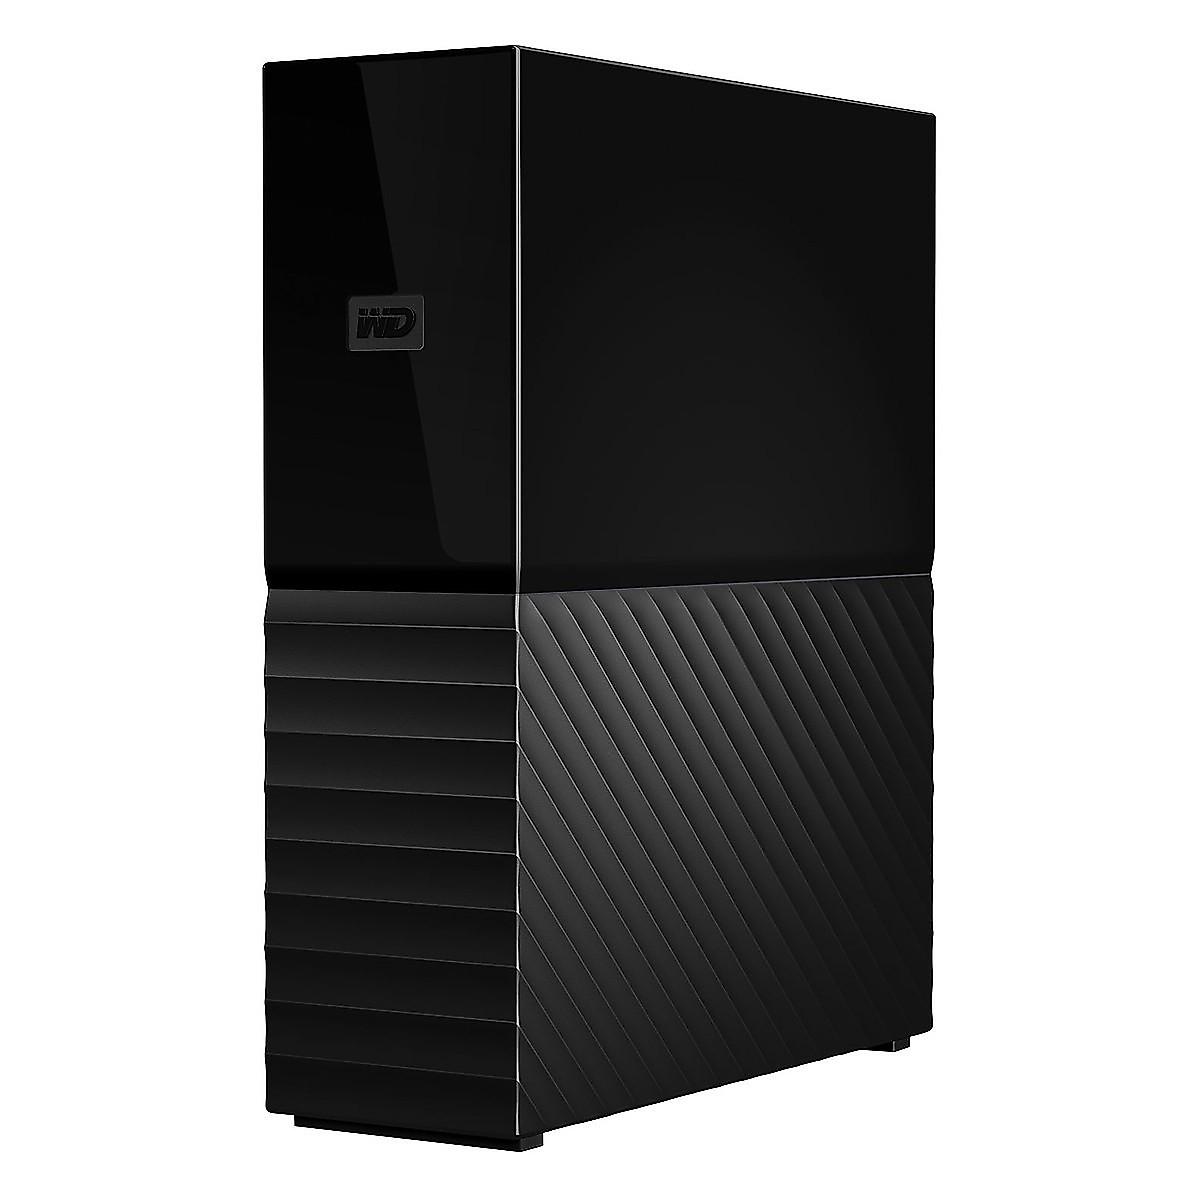 Ổ Cứng Di Động WD My Book 4TB 3.5 USB 3.0 – Hàng Nhập Khẩu